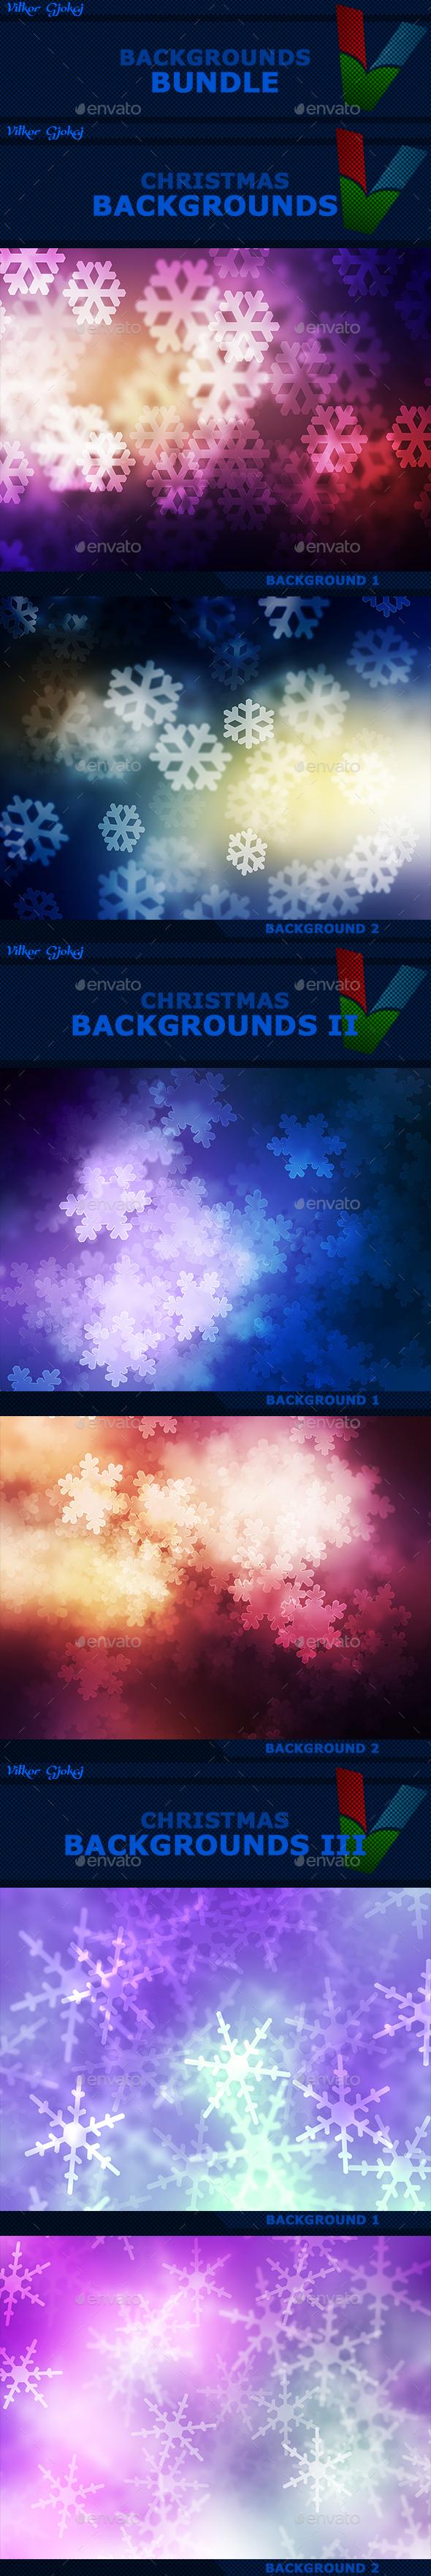 15 Christmas Backgrounds Bundle